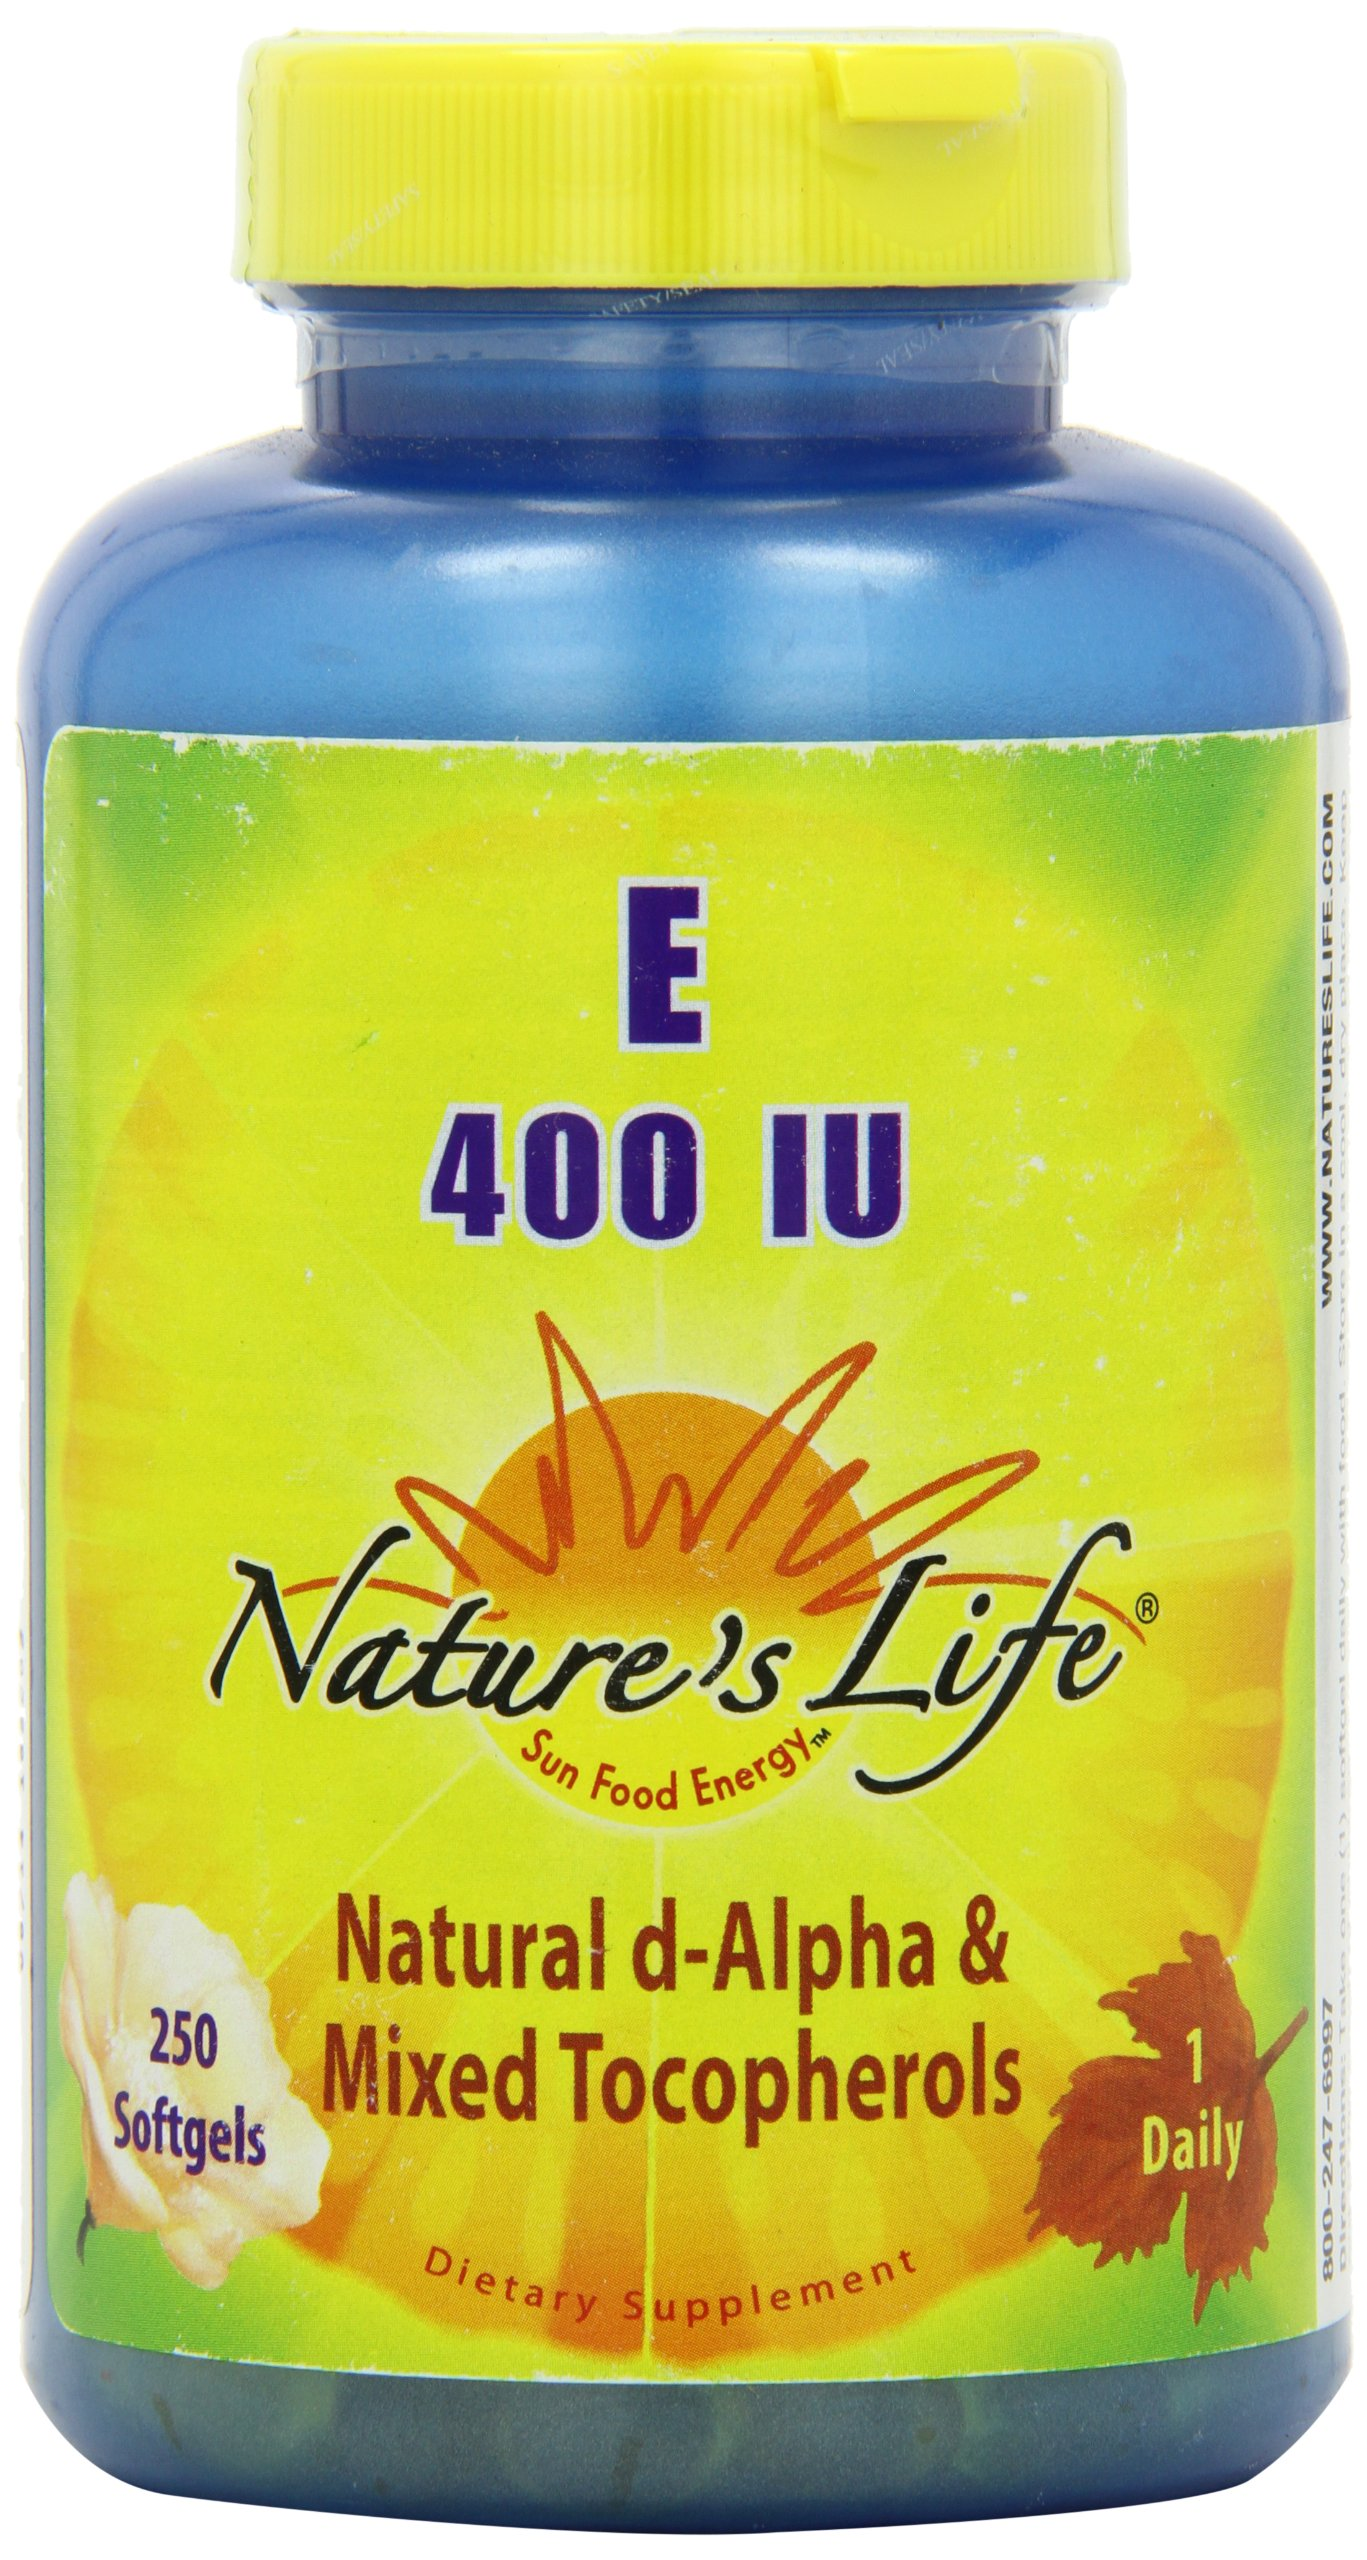 Nature's Life E, D-Alpha and Mixed Tocopherols 400 IU Softgels, 250 Count